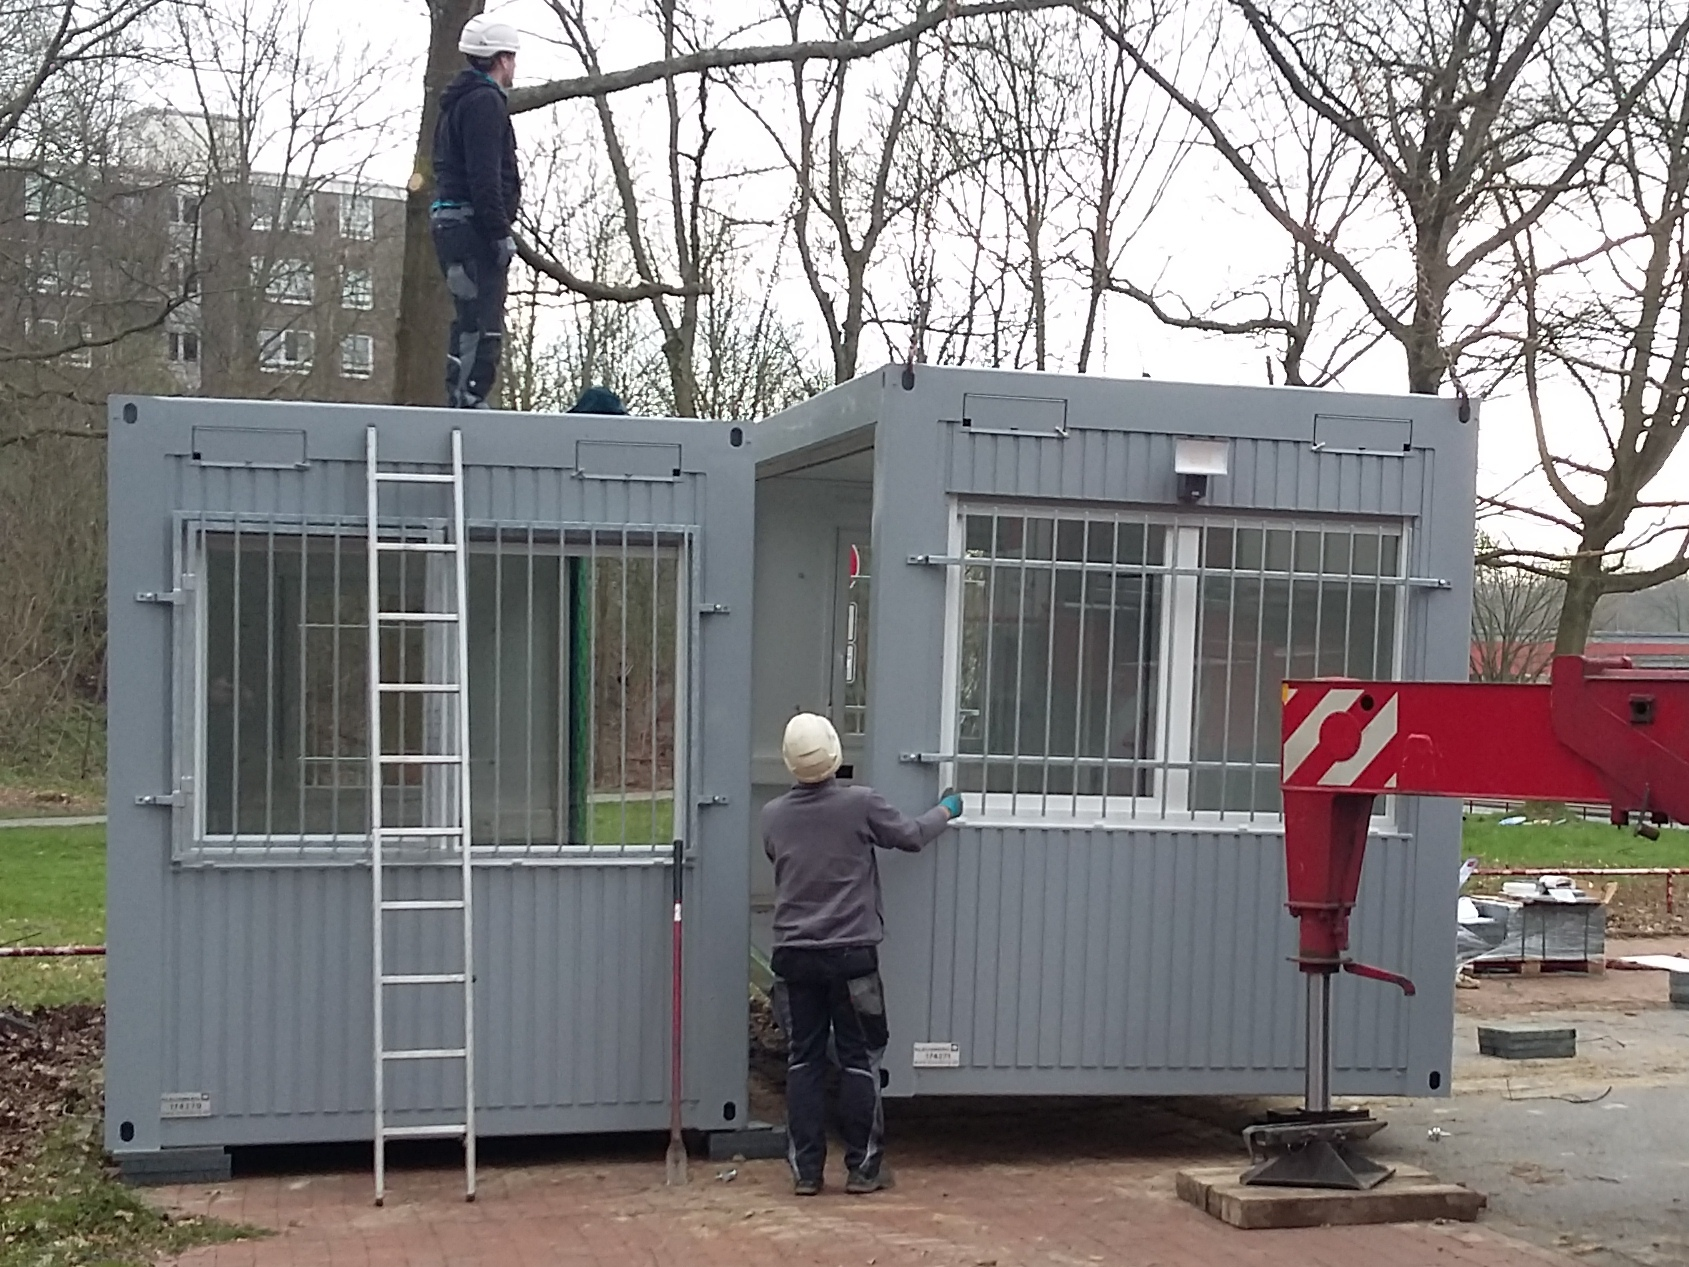 Foto: Es sind zwei Containerelemente zu sehen. Ein Elemtent wurde am Standort Bürgerhaus Oststadt bereits aufgestellt, ein zweites Element wird von einem Kran rechts daneben an den Aufstellort gehoben.